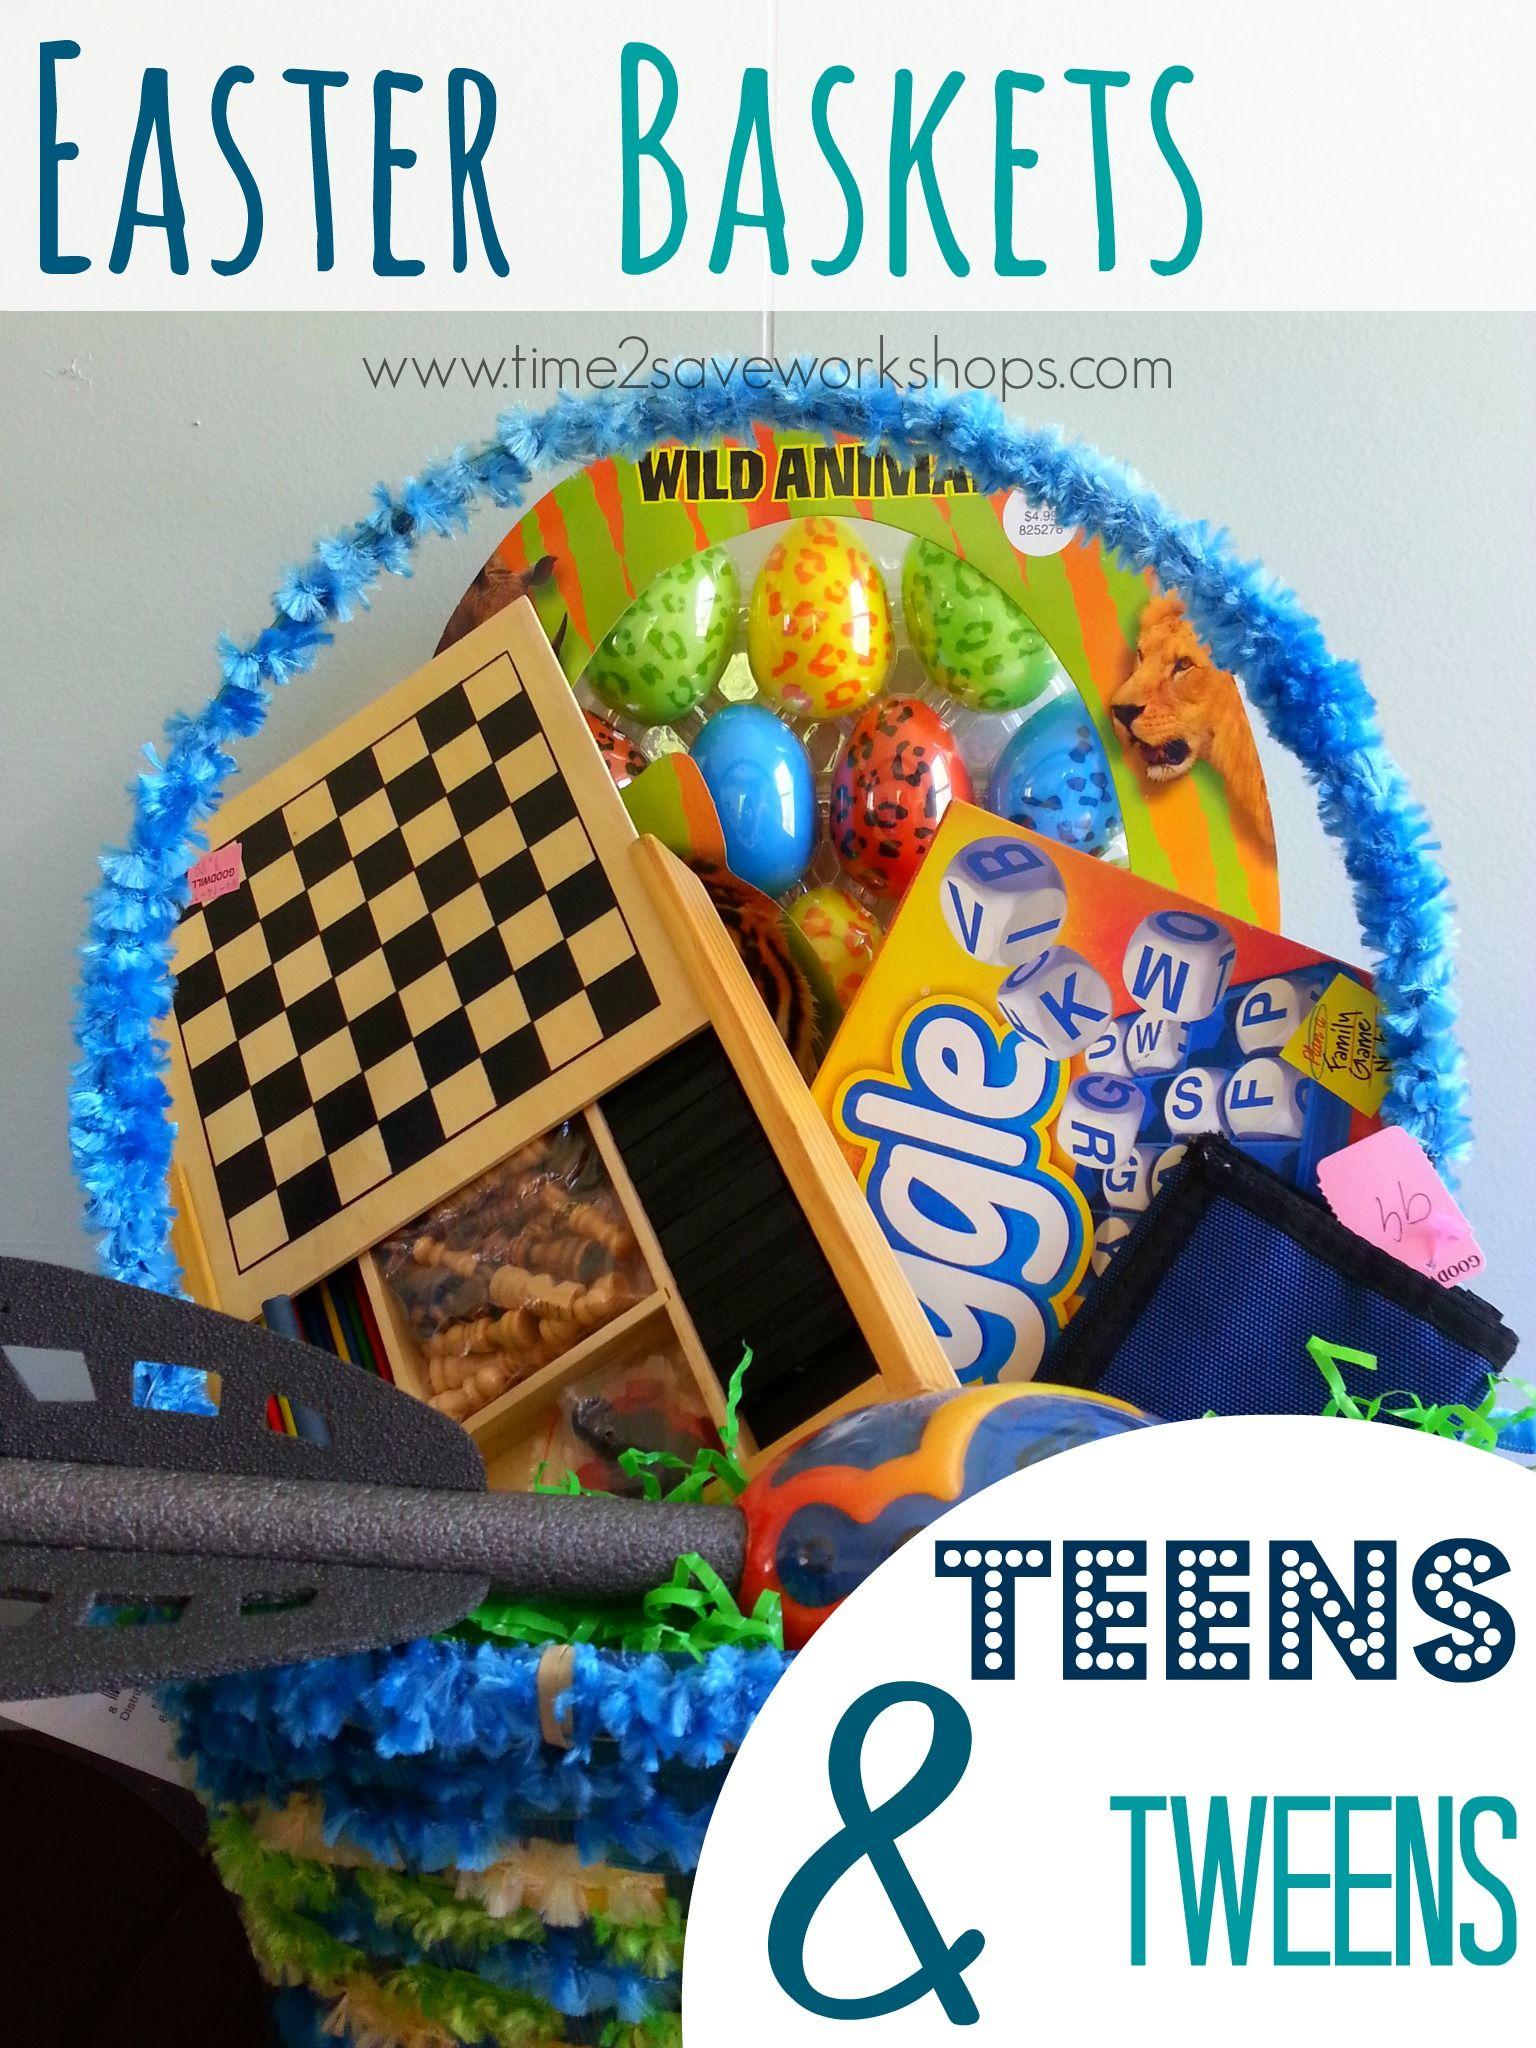 Easter baskets for teens tweens tween frugal and teen easter baskets for teens tweens negle Gallery